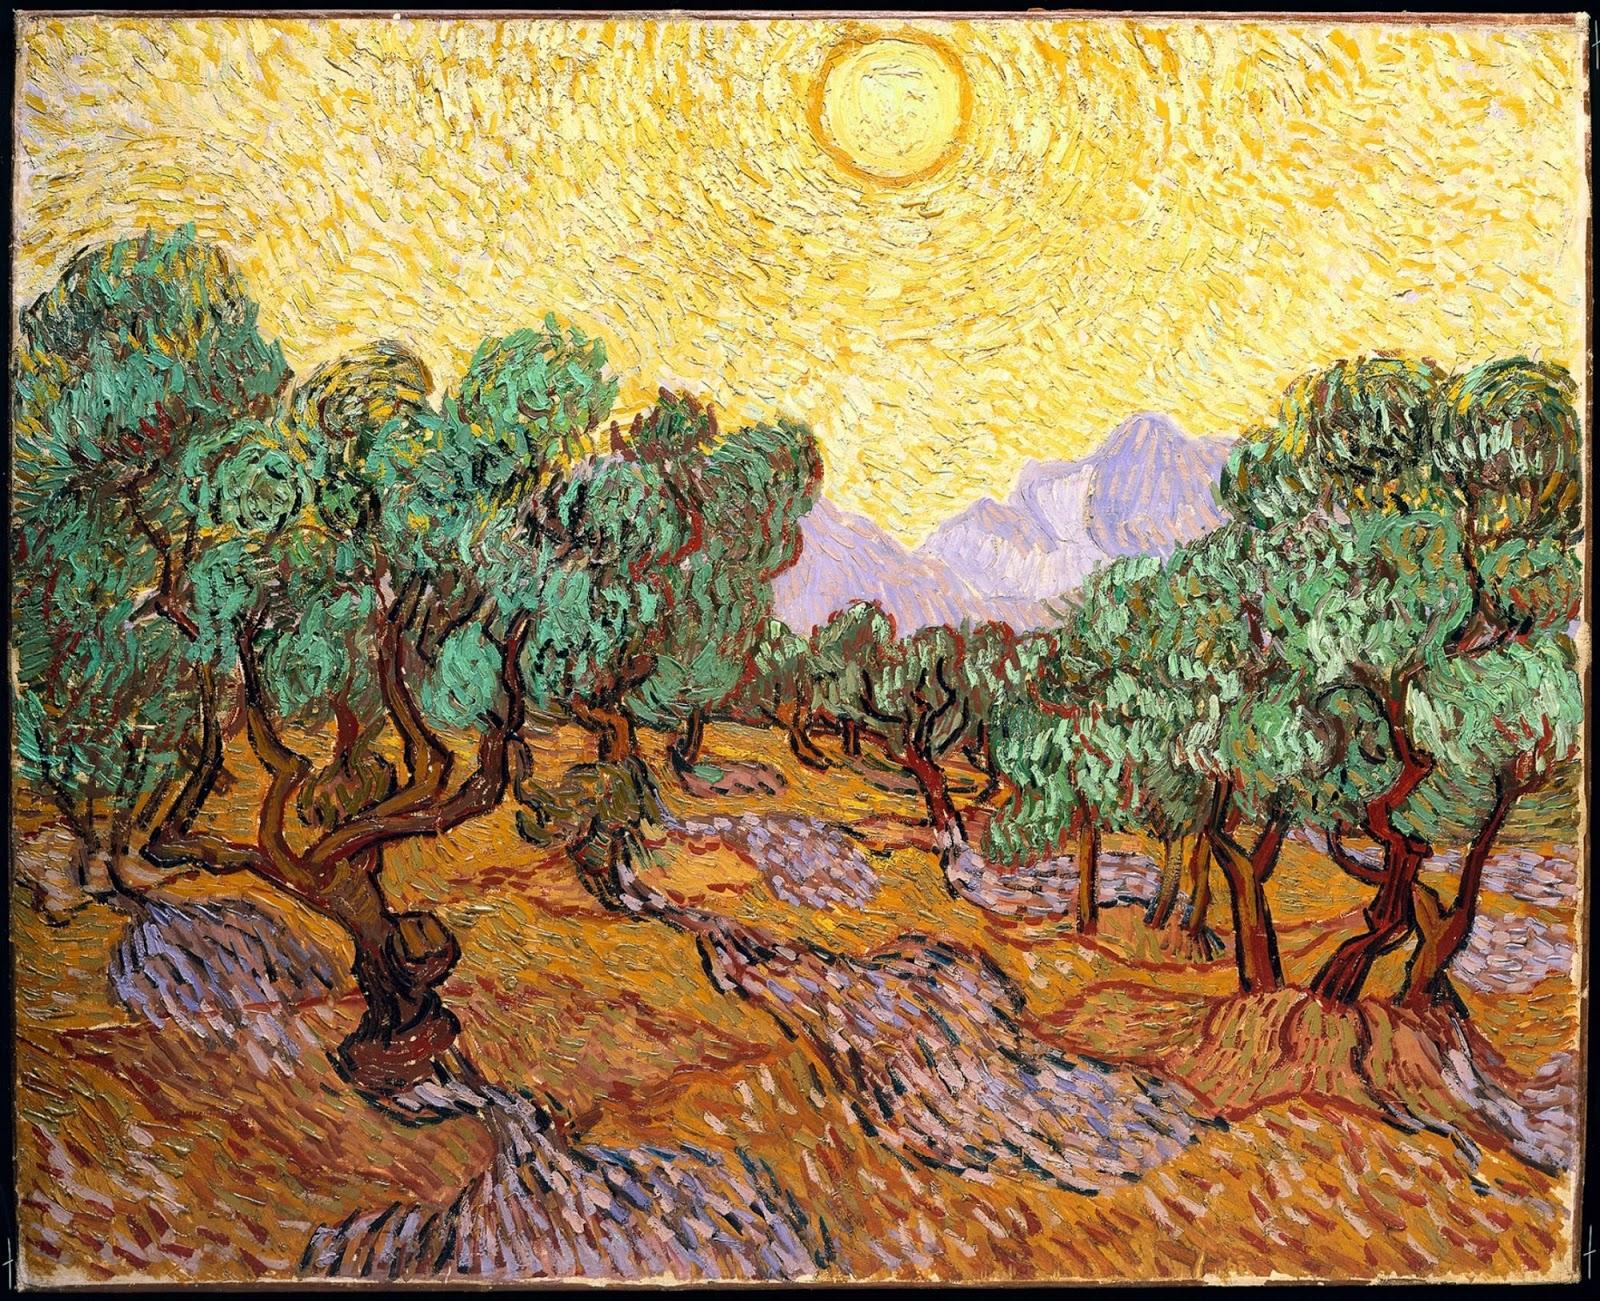 """Quadro de Van Gogh """"Oliveiras"""" Pintado num Campo Gigante"""